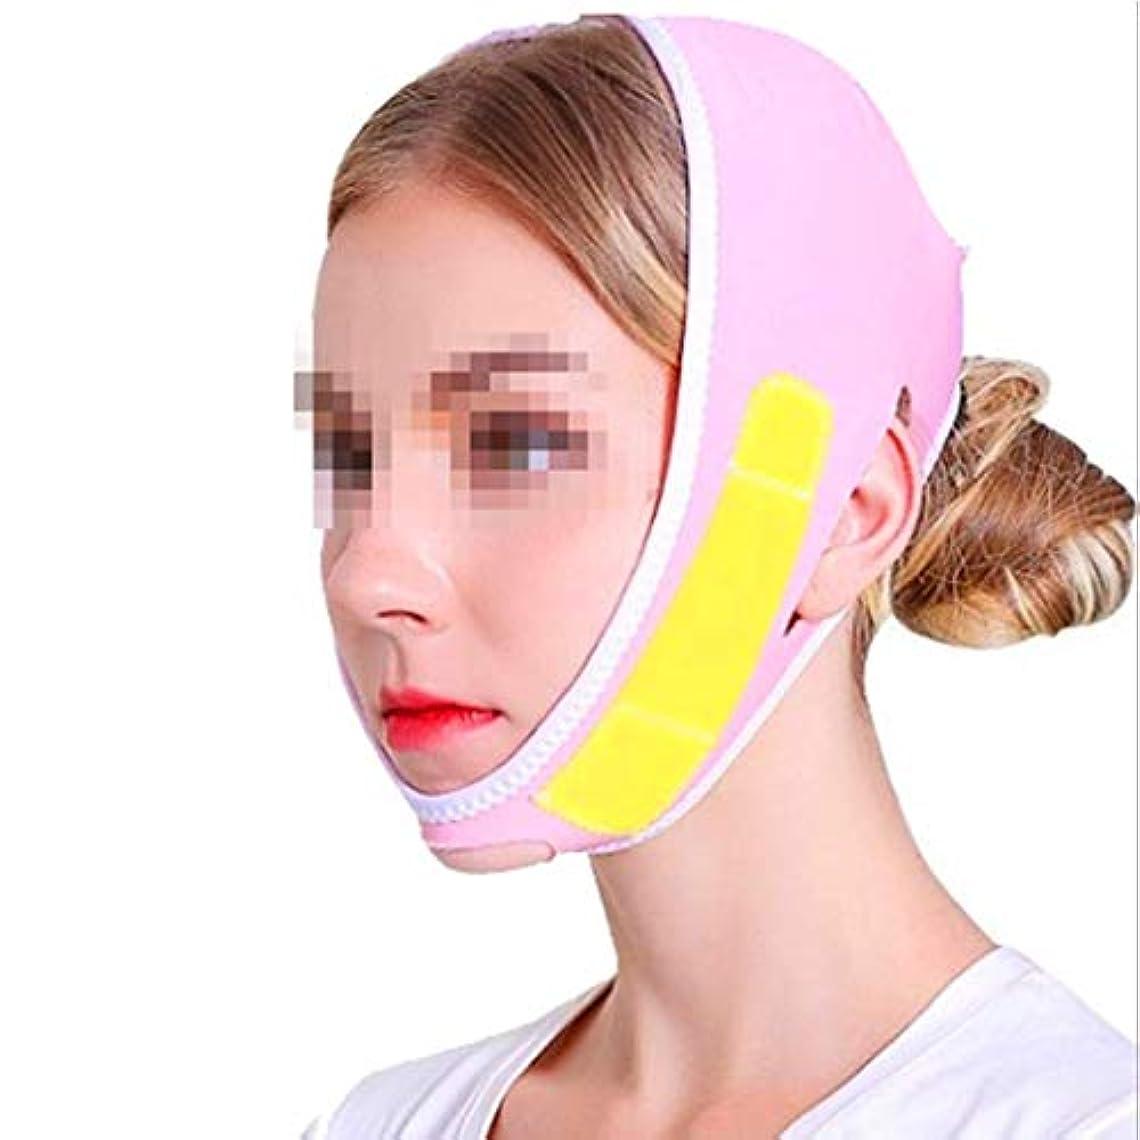 ジャングル主観的必需品フェイスリフトマスク、Vフェイスフェイシャルリフティング、およびローラインにしっかりと締め付けます二重あごの美容整形包帯マルチカラーオプション(カラー:イエロー),ピンク